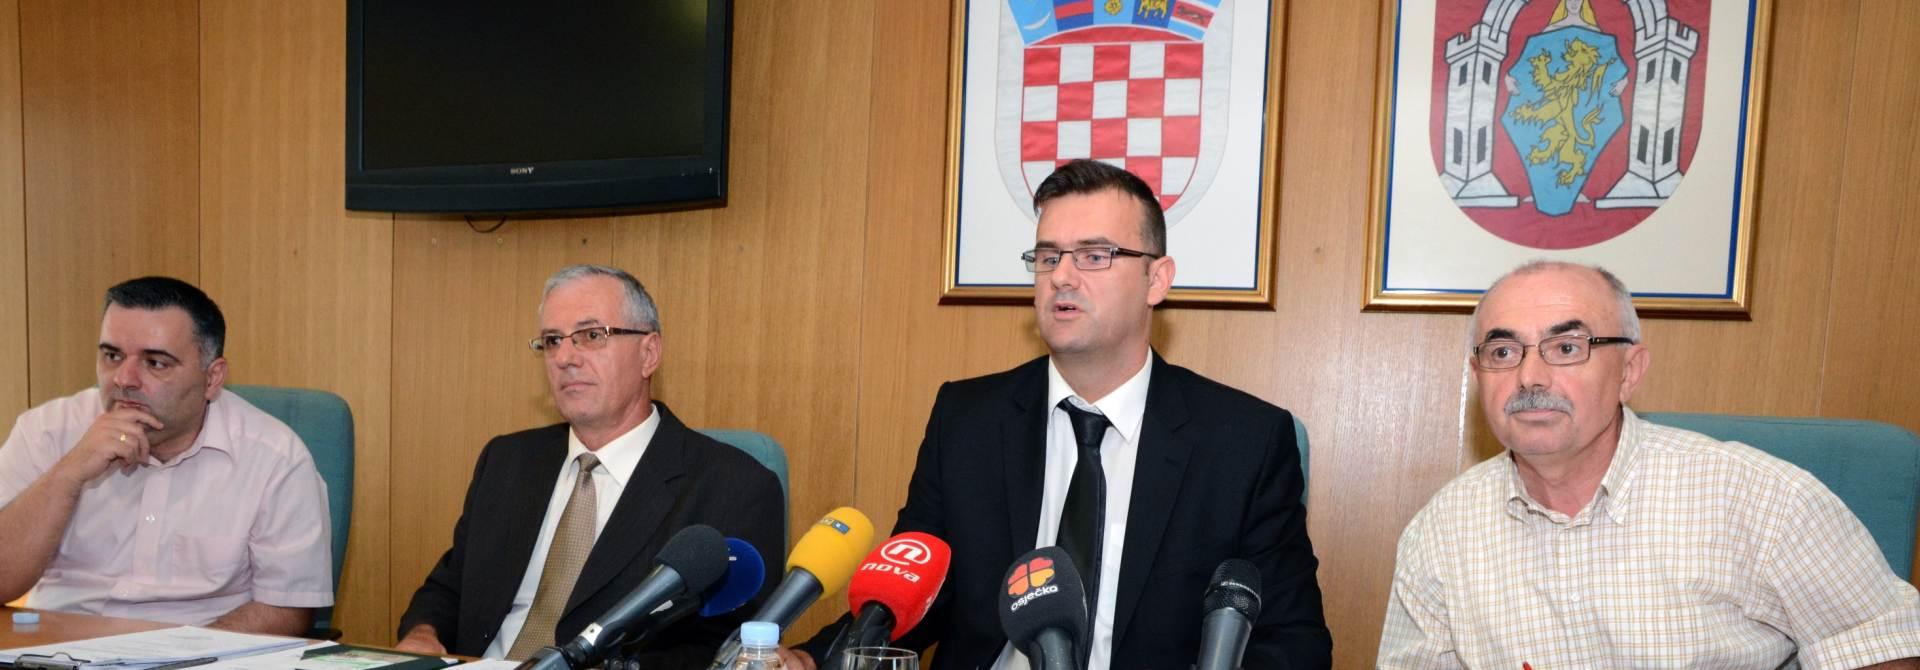 Vukovar: HDSSB podupire izmjene Statuta o dvojezičnosti